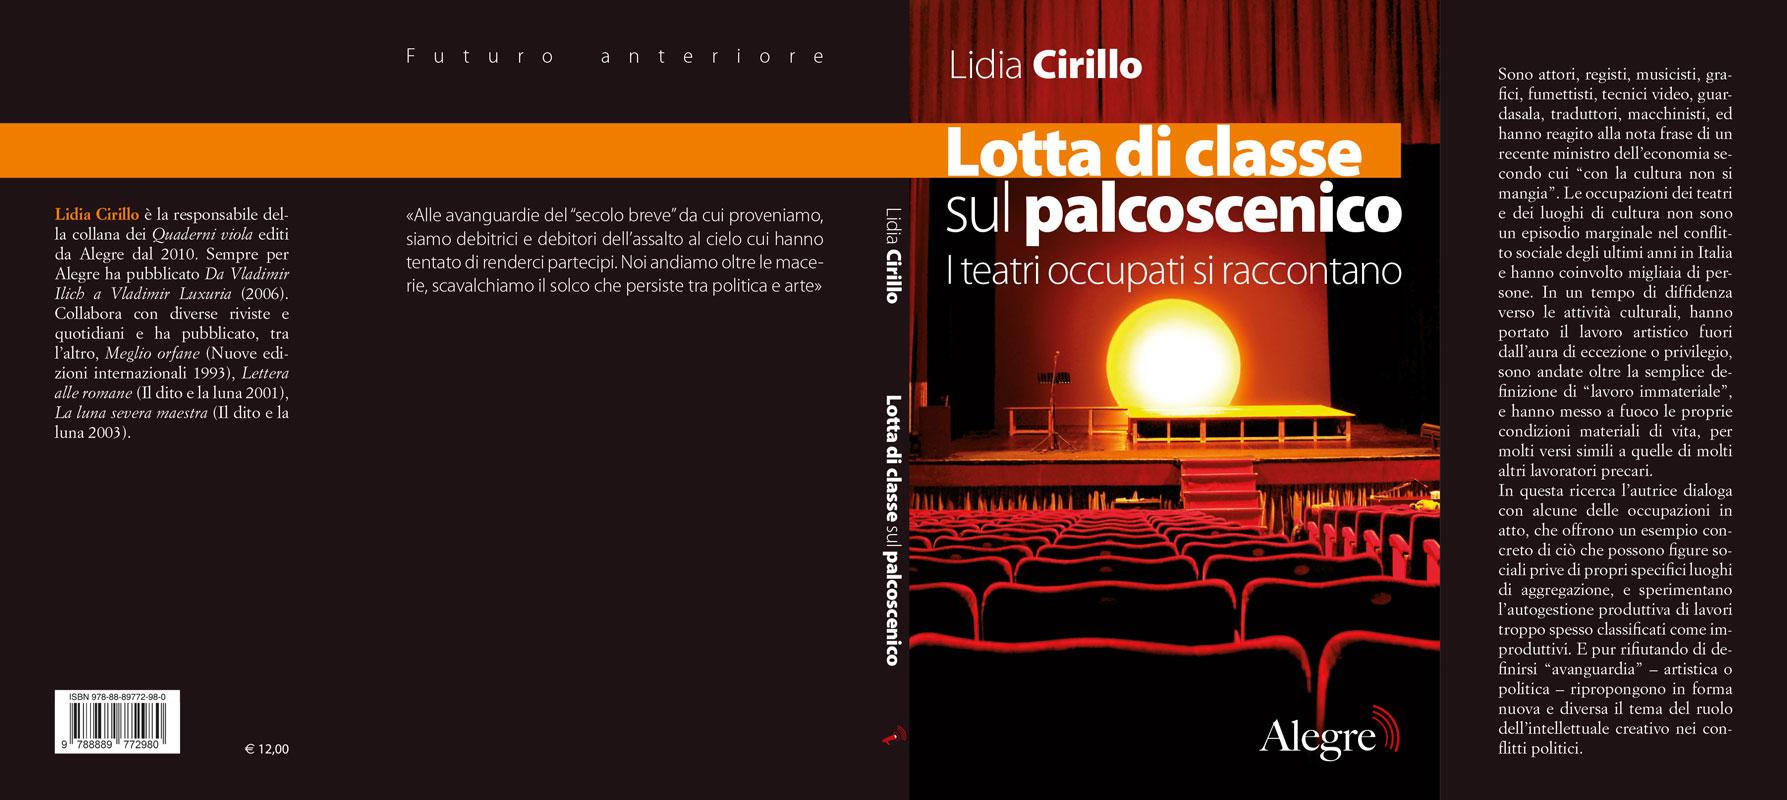 Lidia Cirillo, Lotta di classe sul palcoscenico, stesa